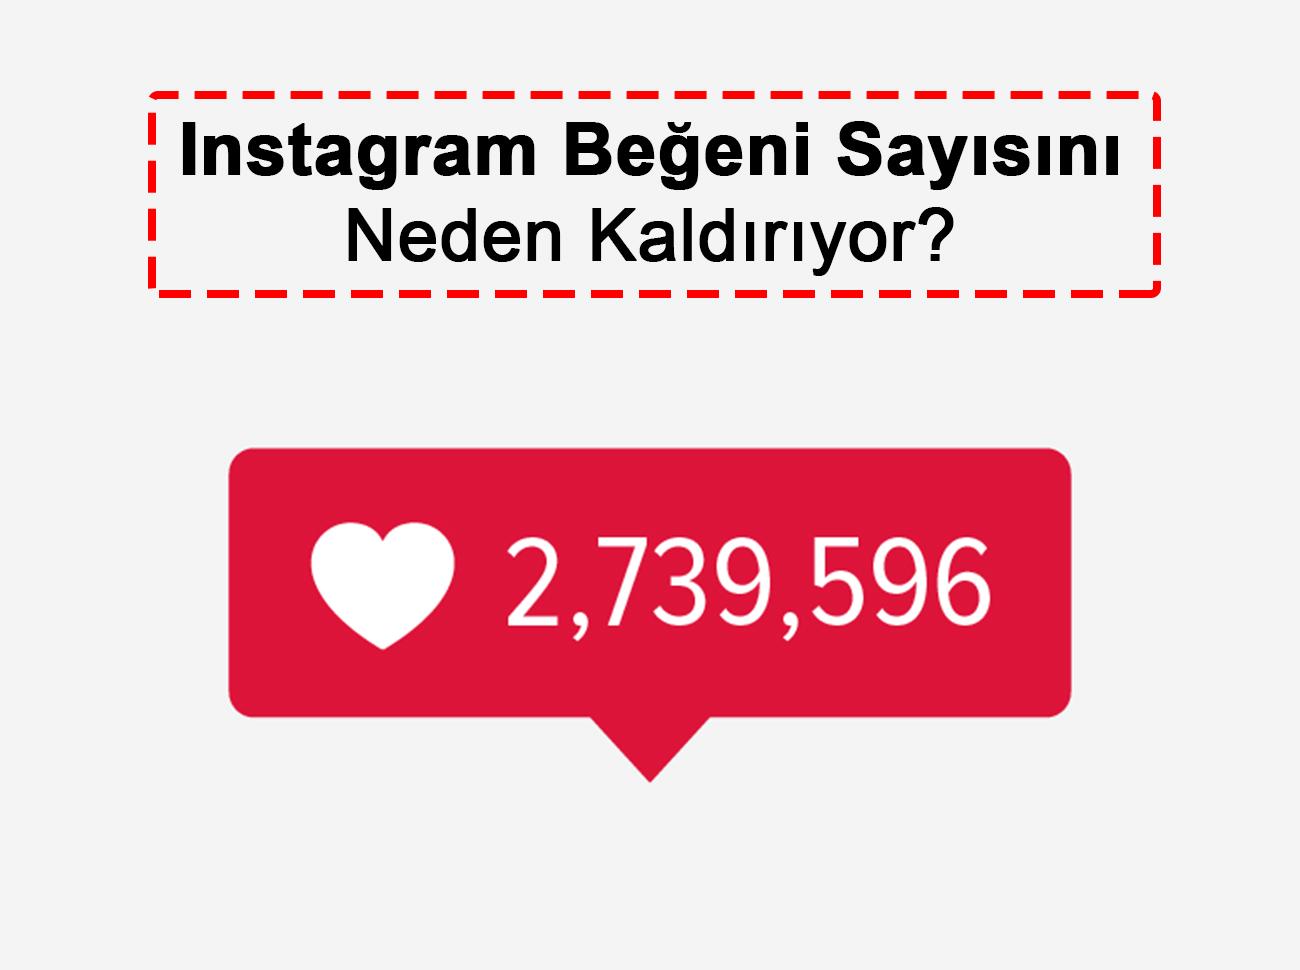 Instagram Beğeni Sayısını Kaldırıyor